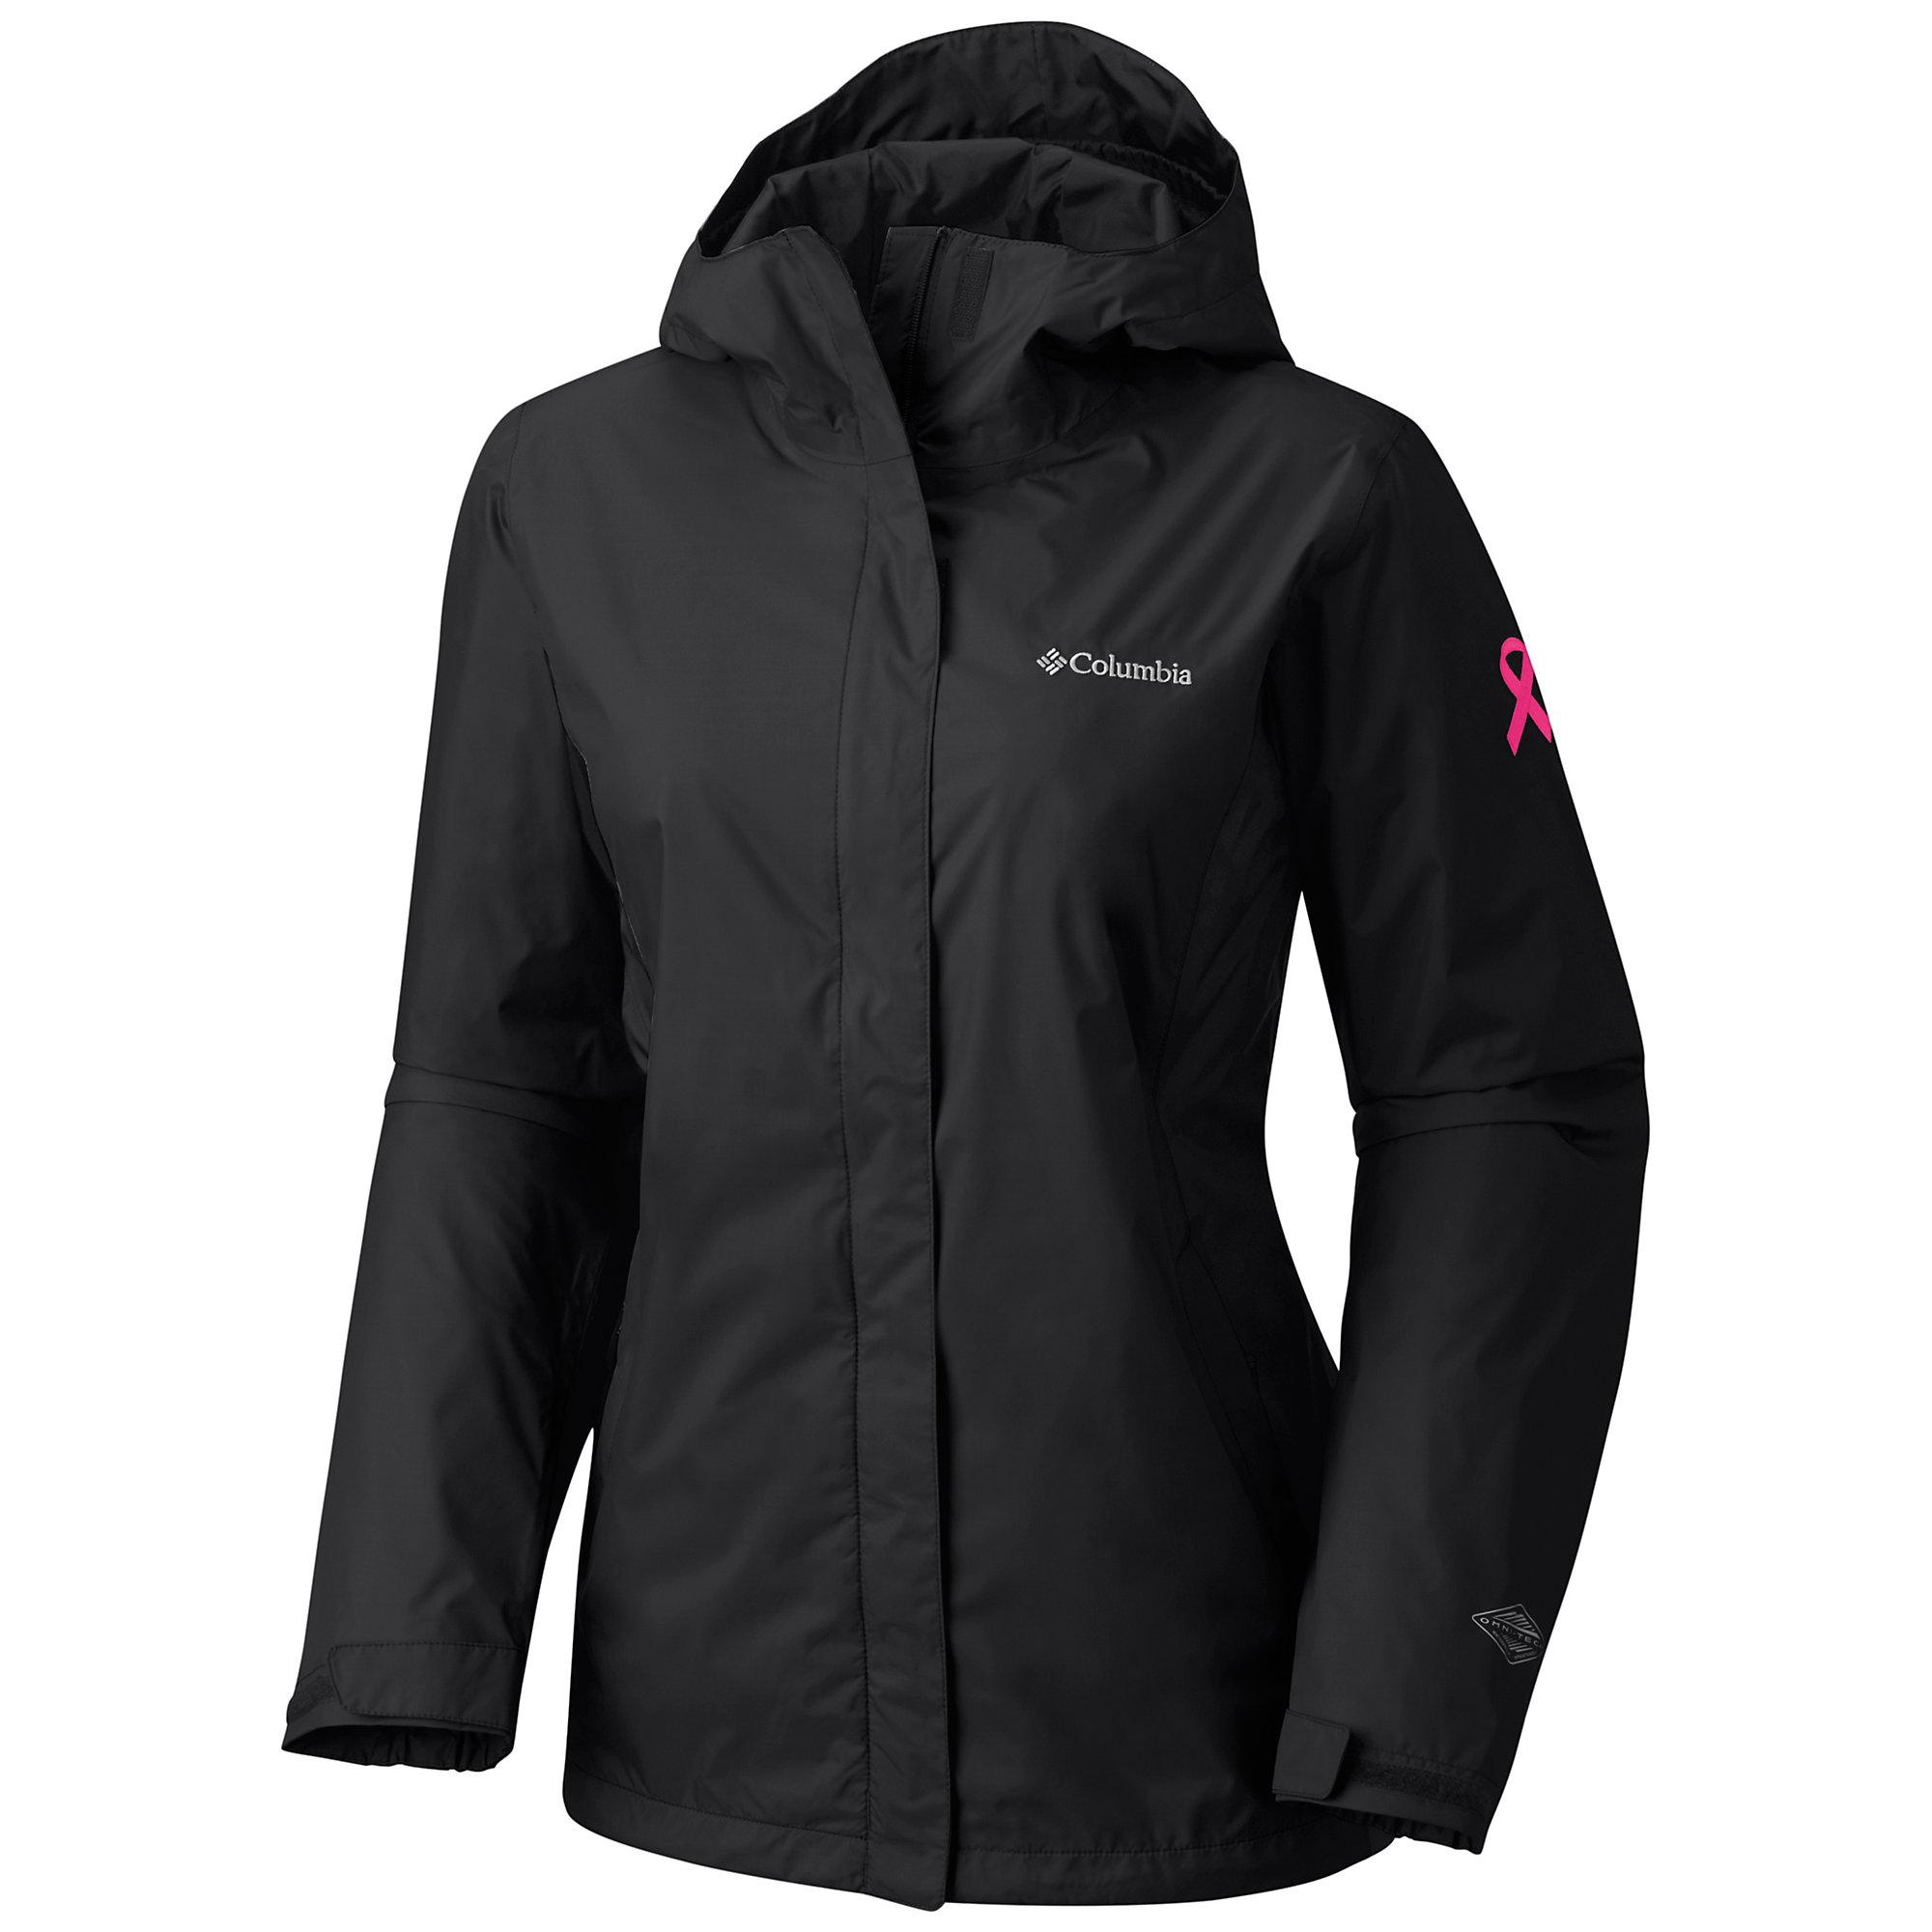 Columbia Tested Tough in Pink Rain Jacket II